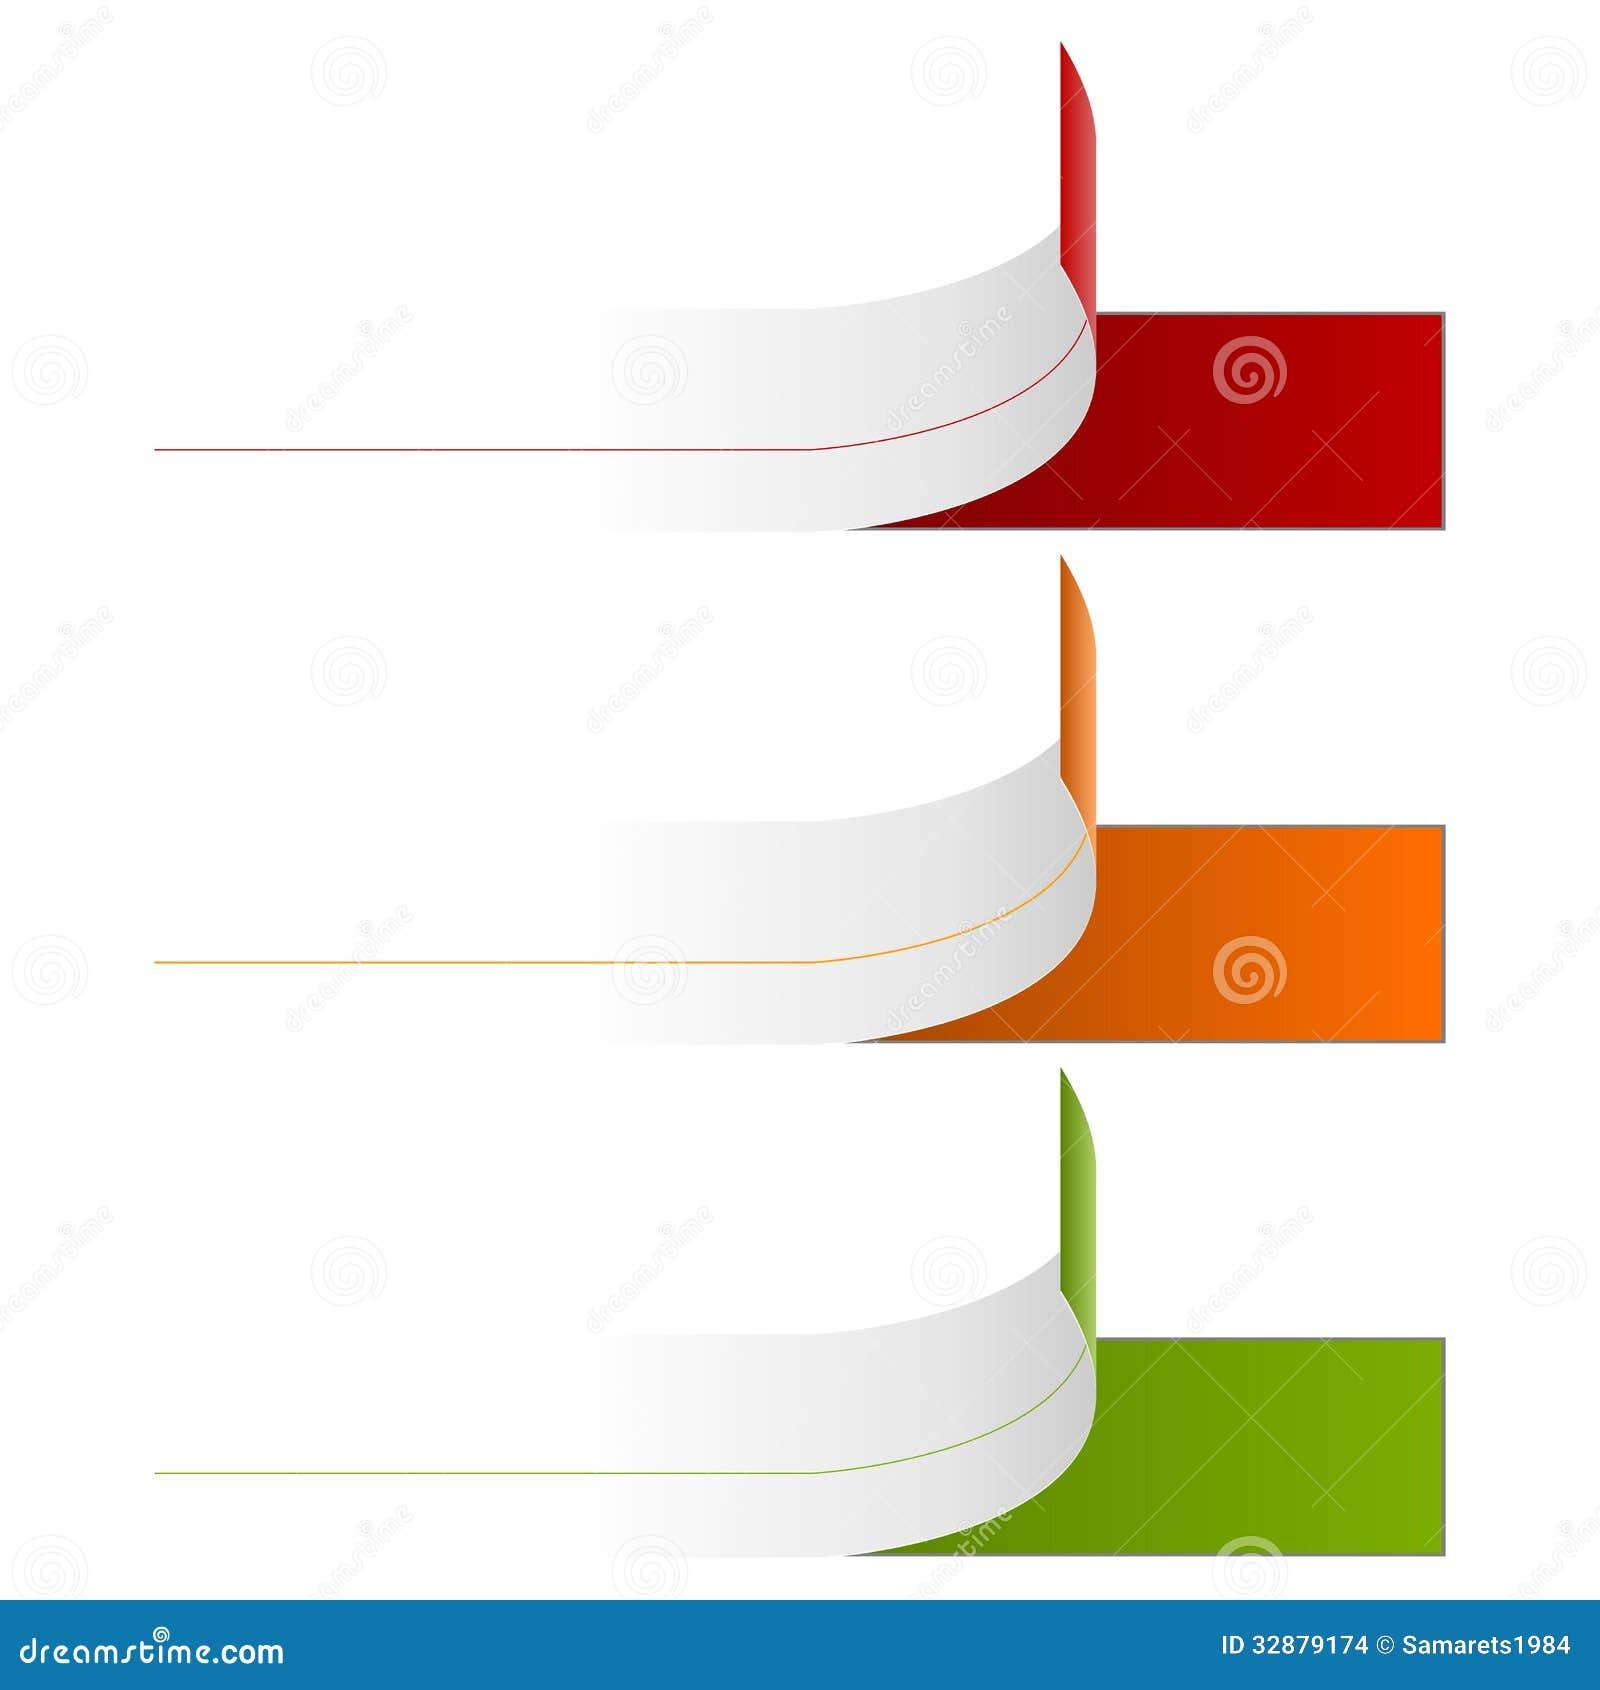 Modern Design Elements - Home Design